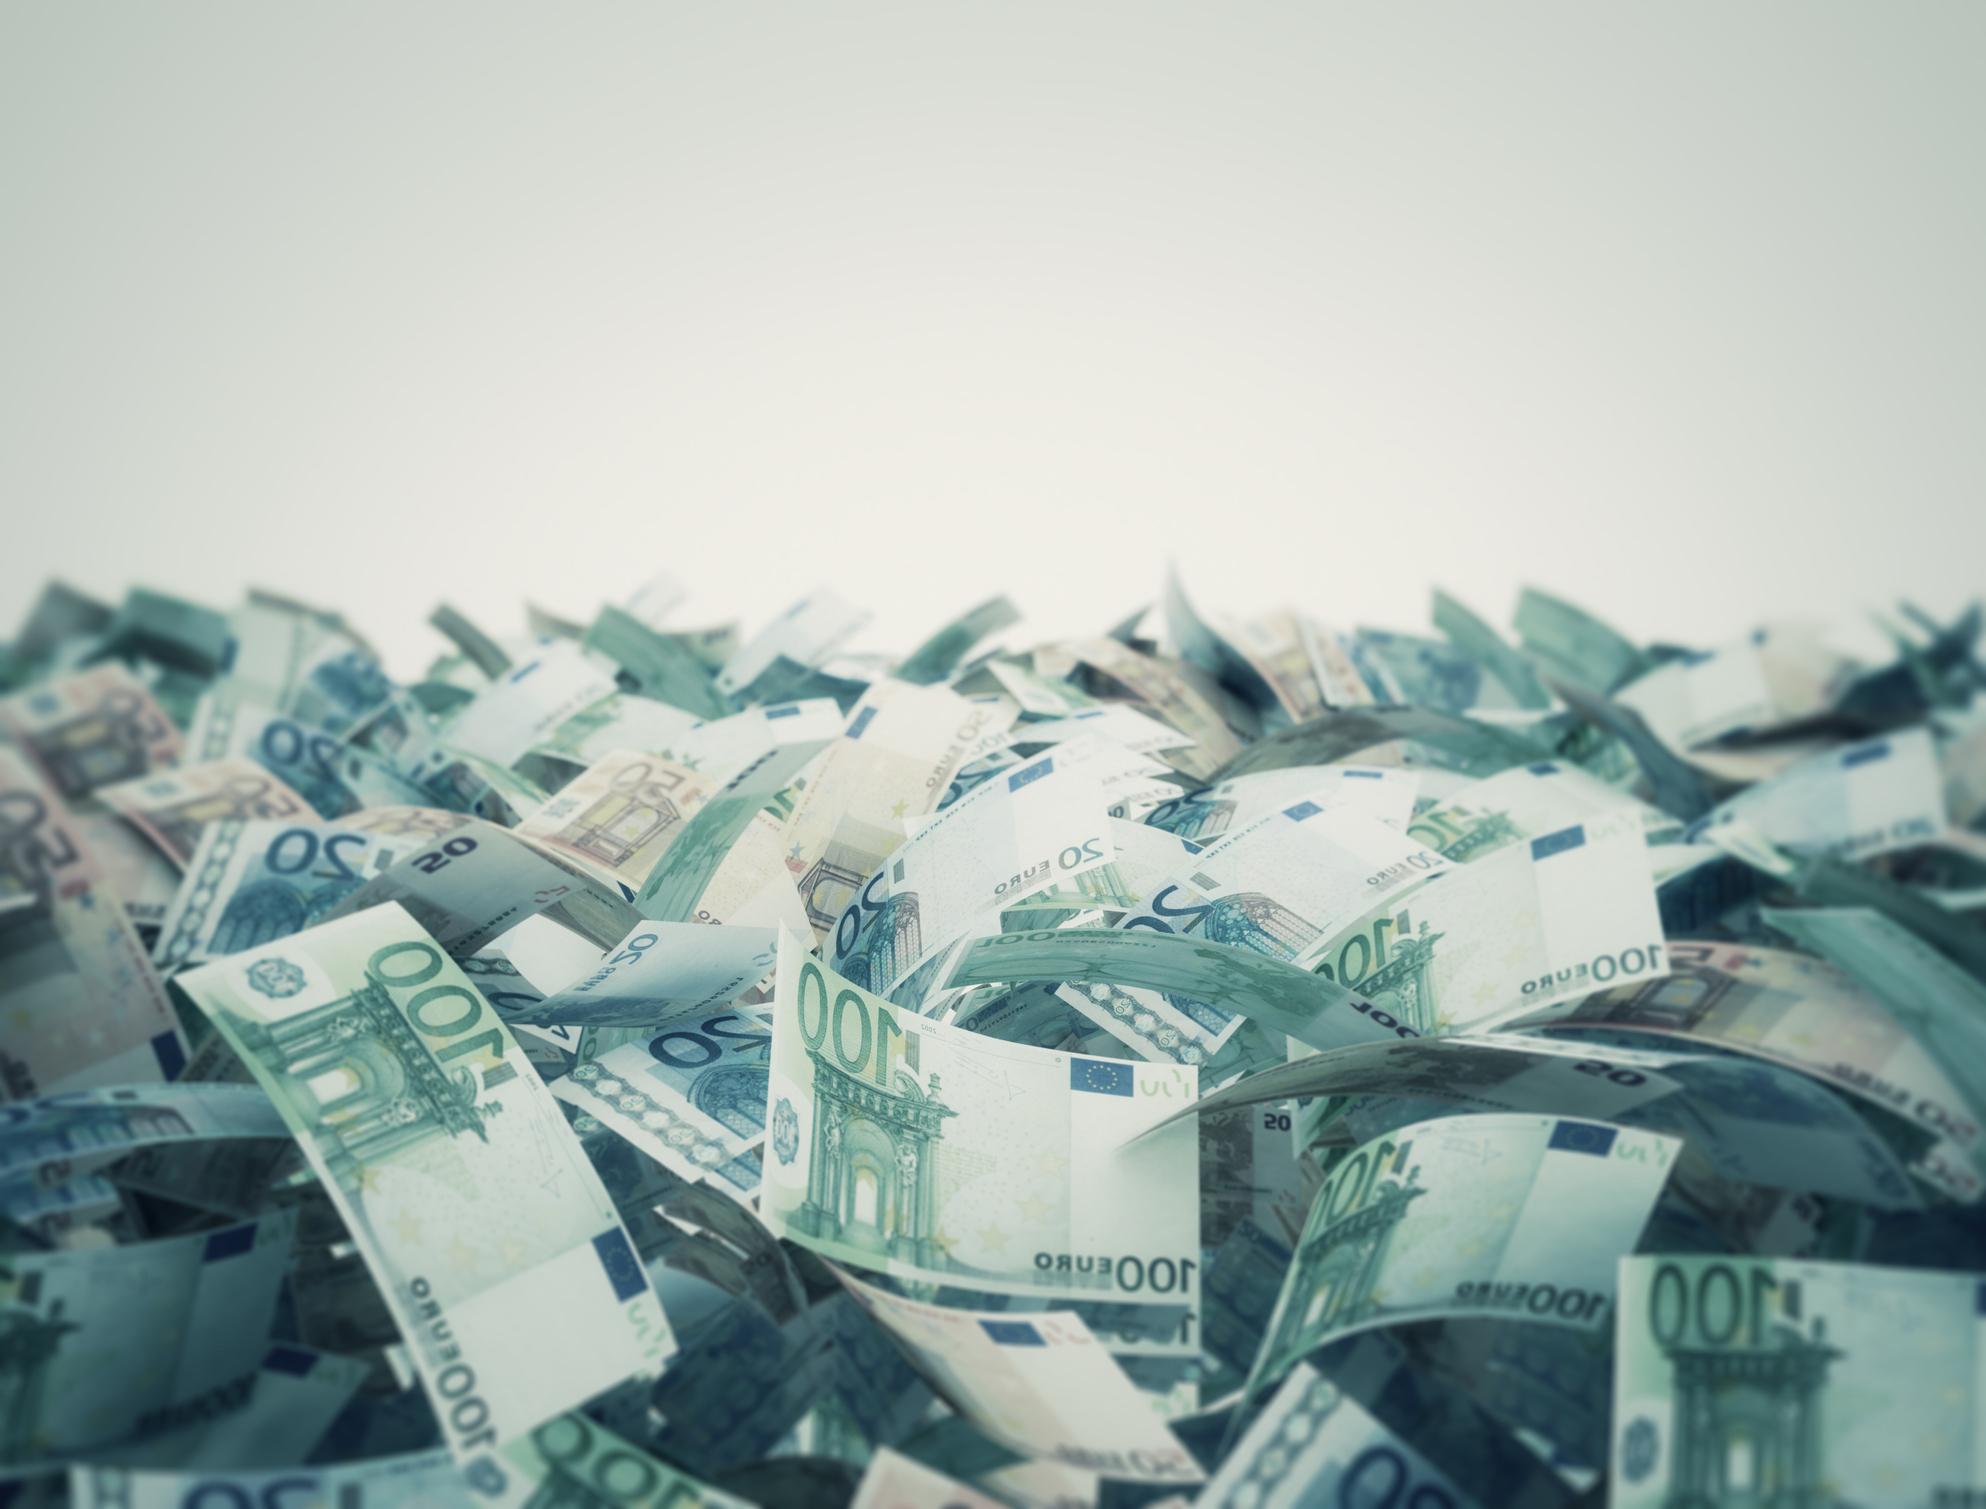 Zehnmal der Bundeshaushalt: Von der Leyen will drei Billionen Euro für Klimaschutz ausgeben